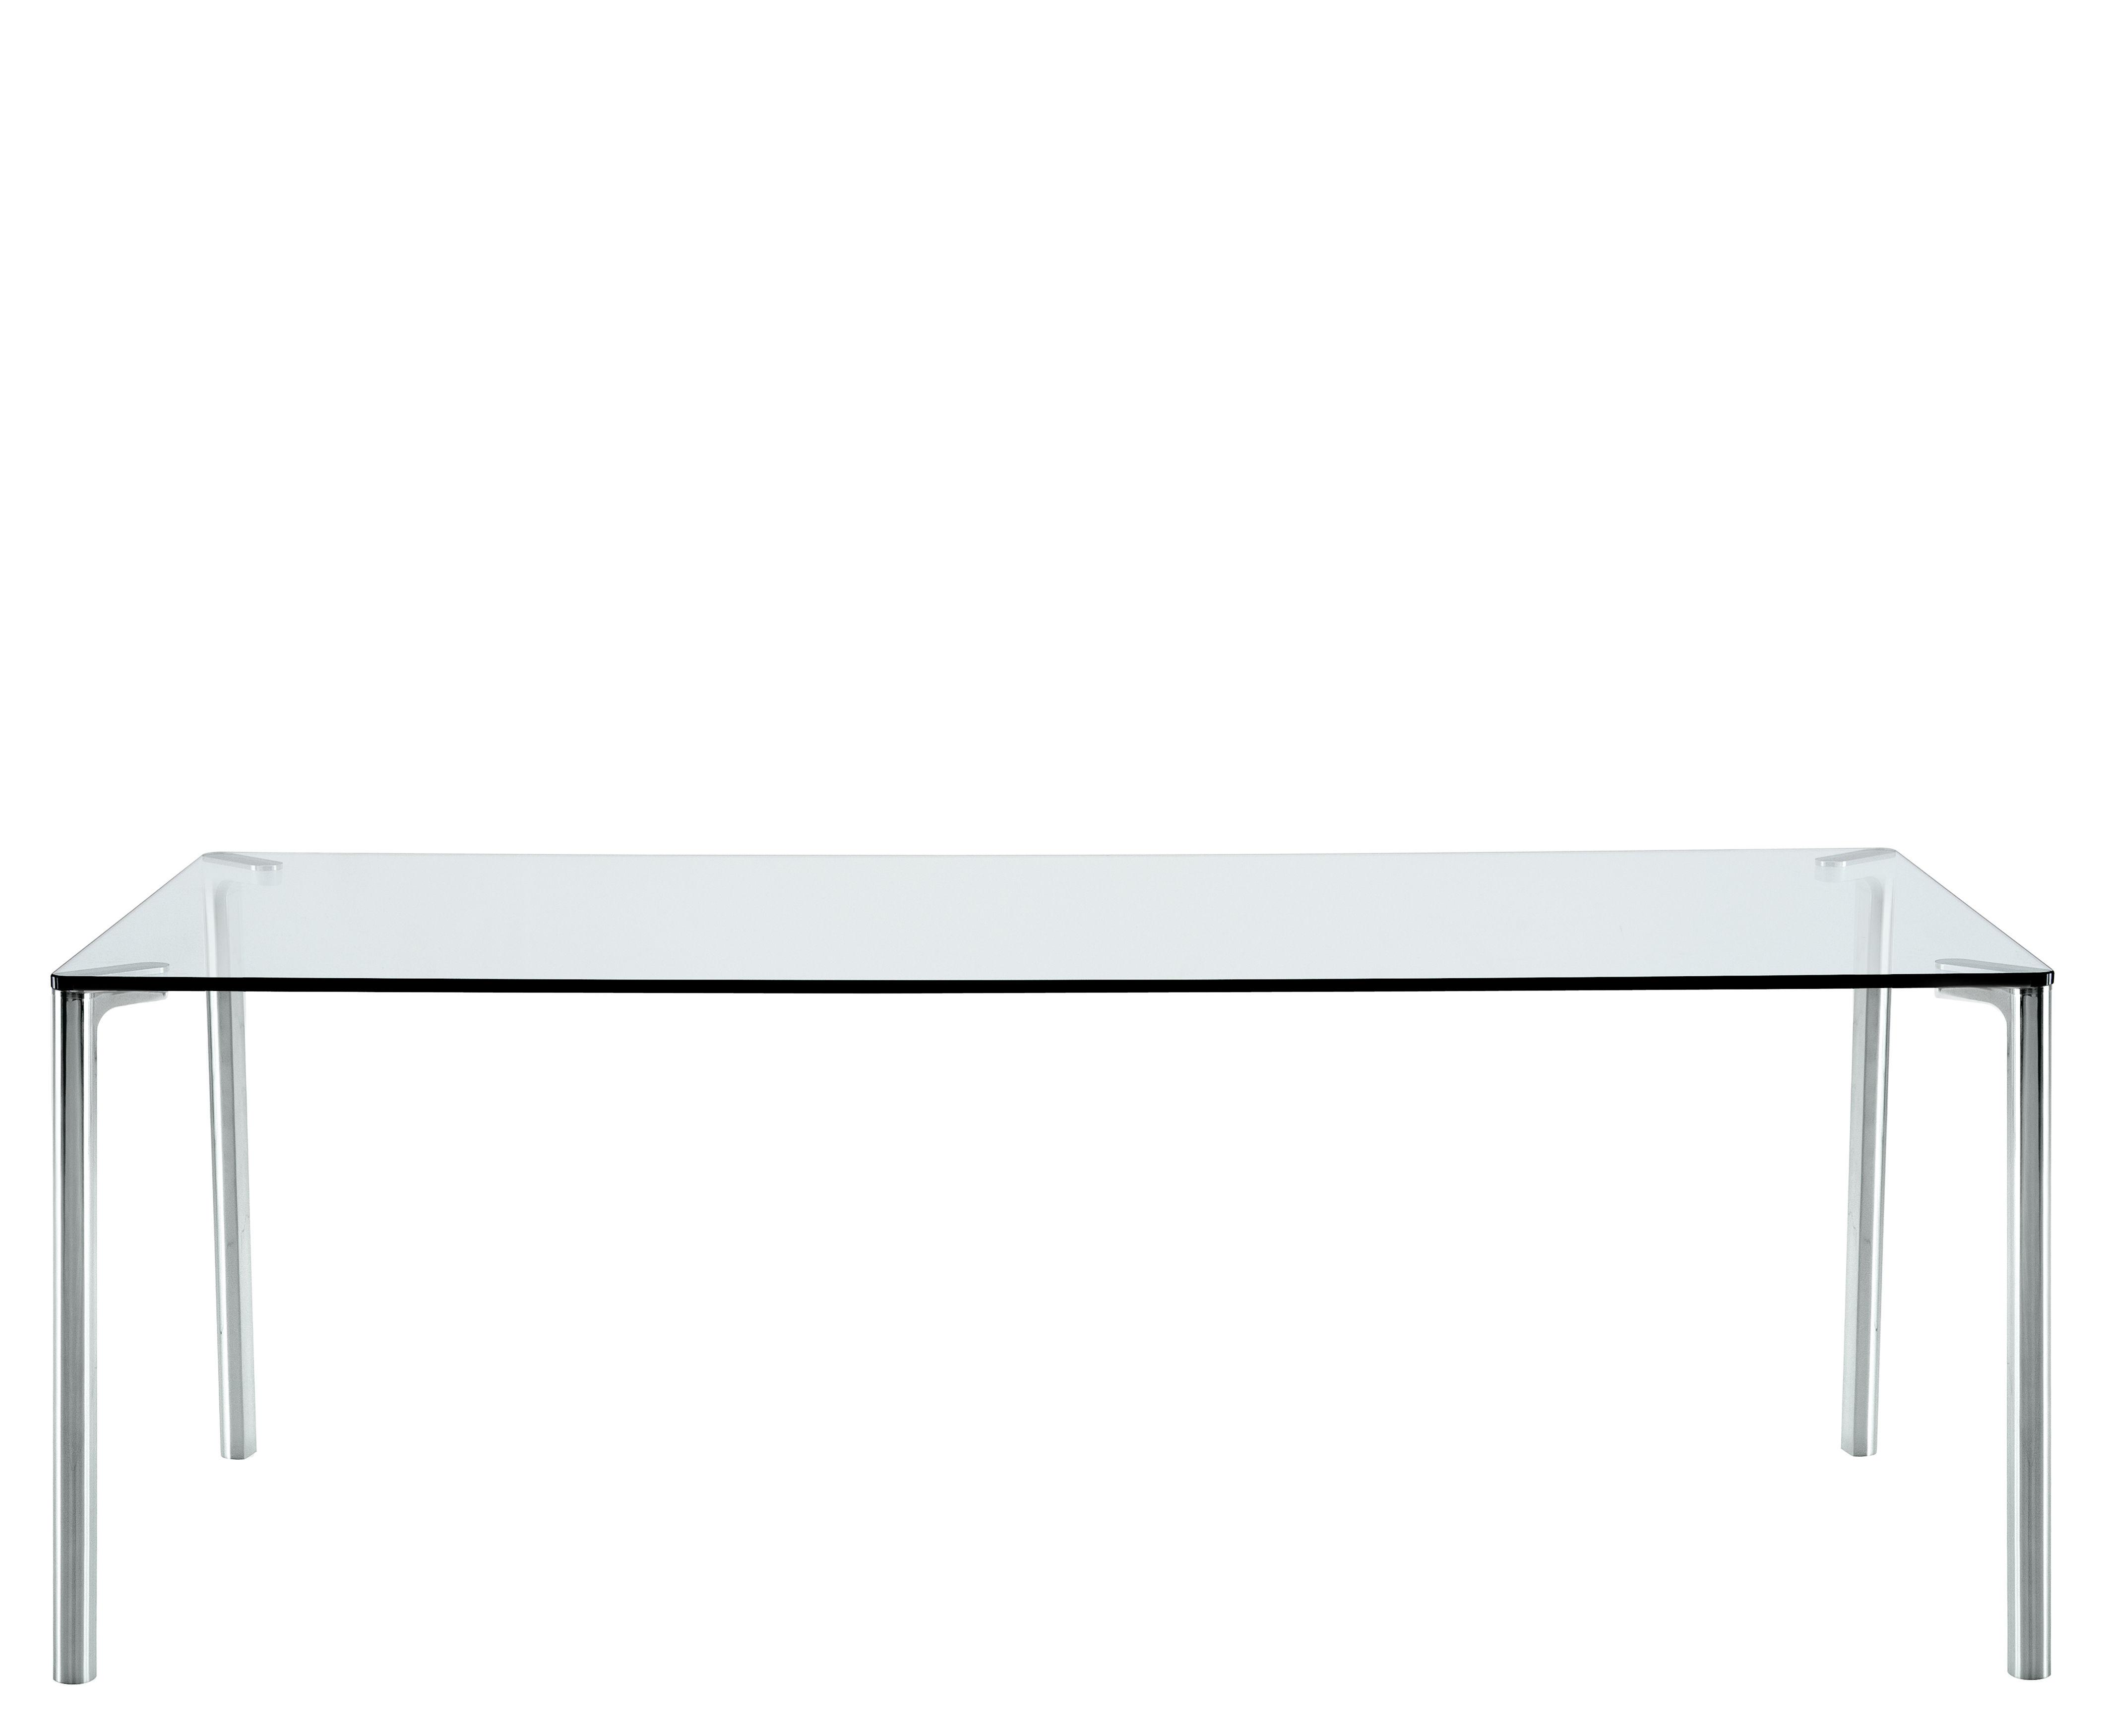 Arredamento - Tavoli - Tavolo rettangolare Spillo - 100 x 200 cm di Zanotta - Piano d'appoggio in vetro trasparente / gambe in alluminio - Alluminio, Vetro temprato